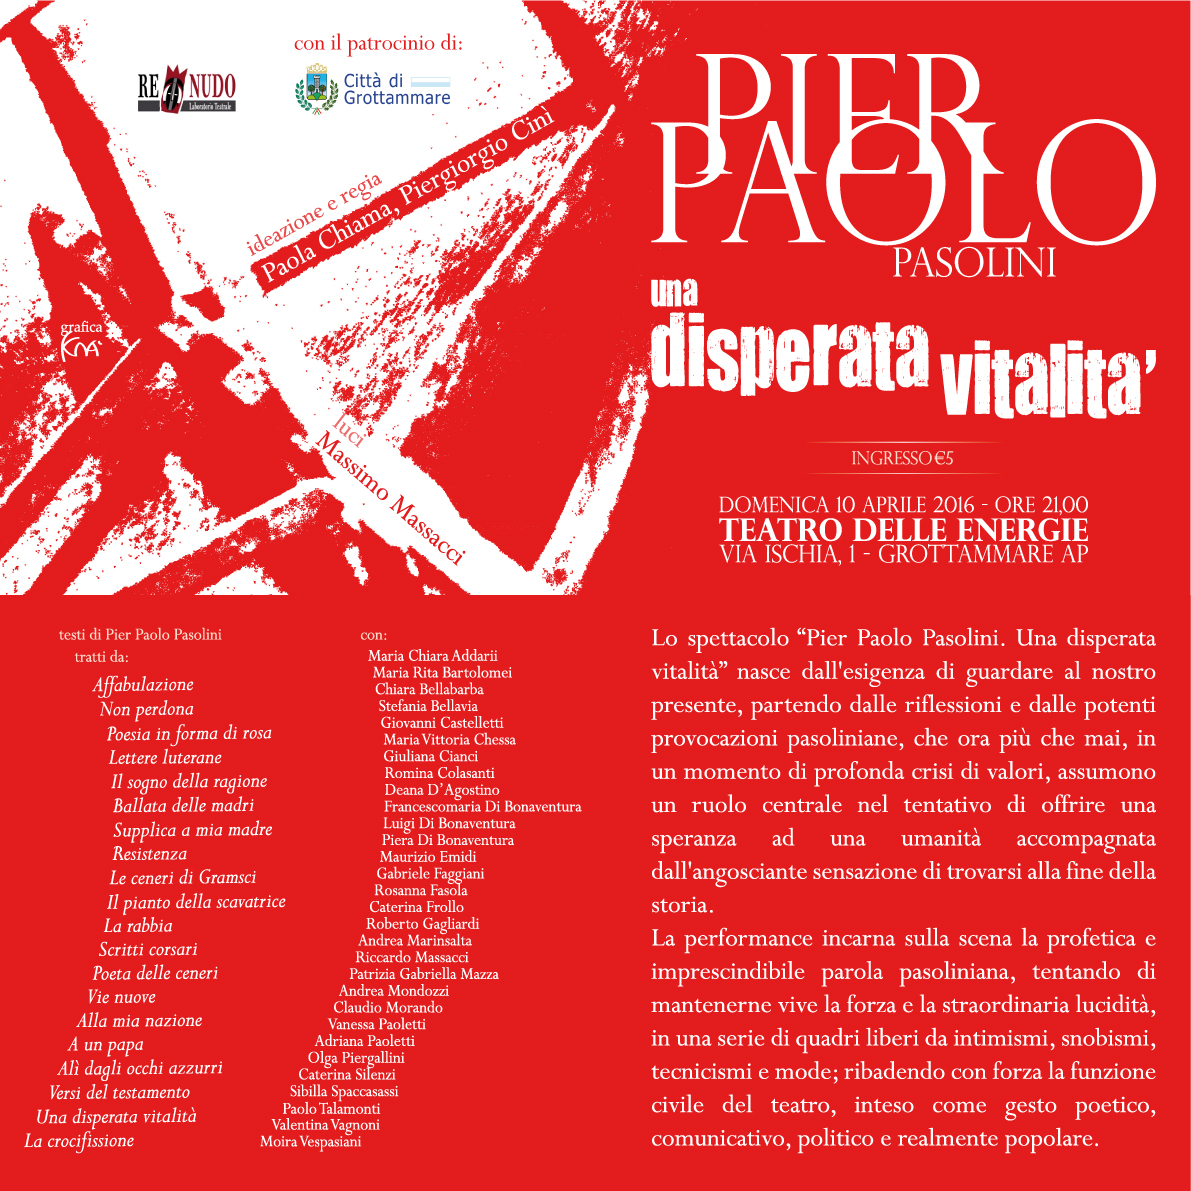 """Pier Paolo Pasolini, """"Una disperata vitalità"""" al Teatro delle Energie"""